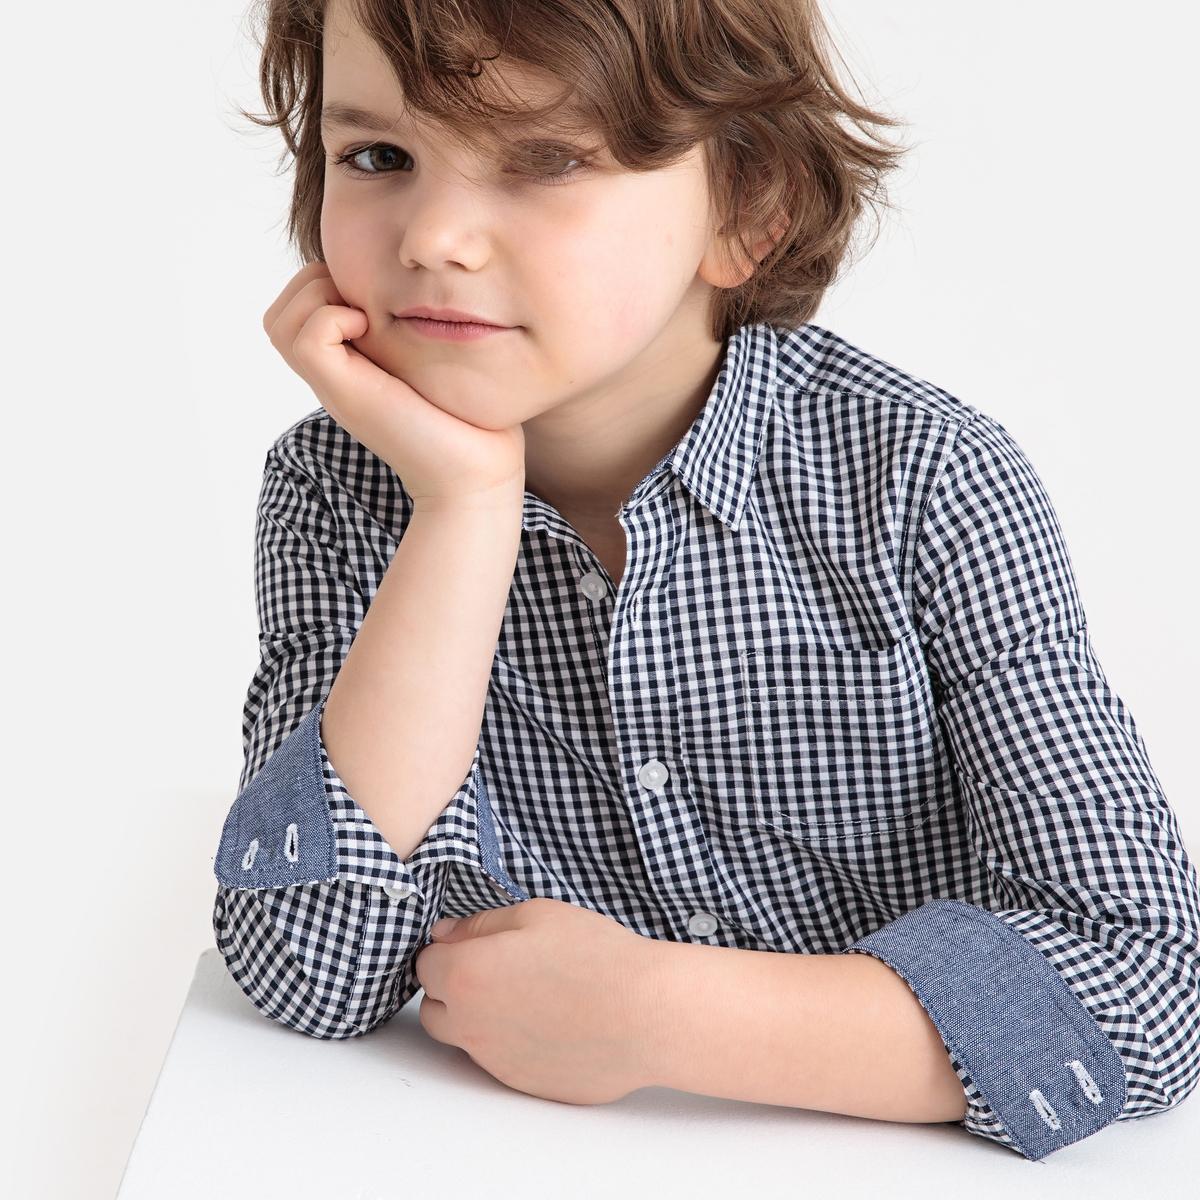 Рубашка LaRedoute В клетку с длинными рукавами 3-12 лет 5 лет - 108 см синий жакет la redoute из джинсовой ткани 3 14 лет 5 лет 108 см синий